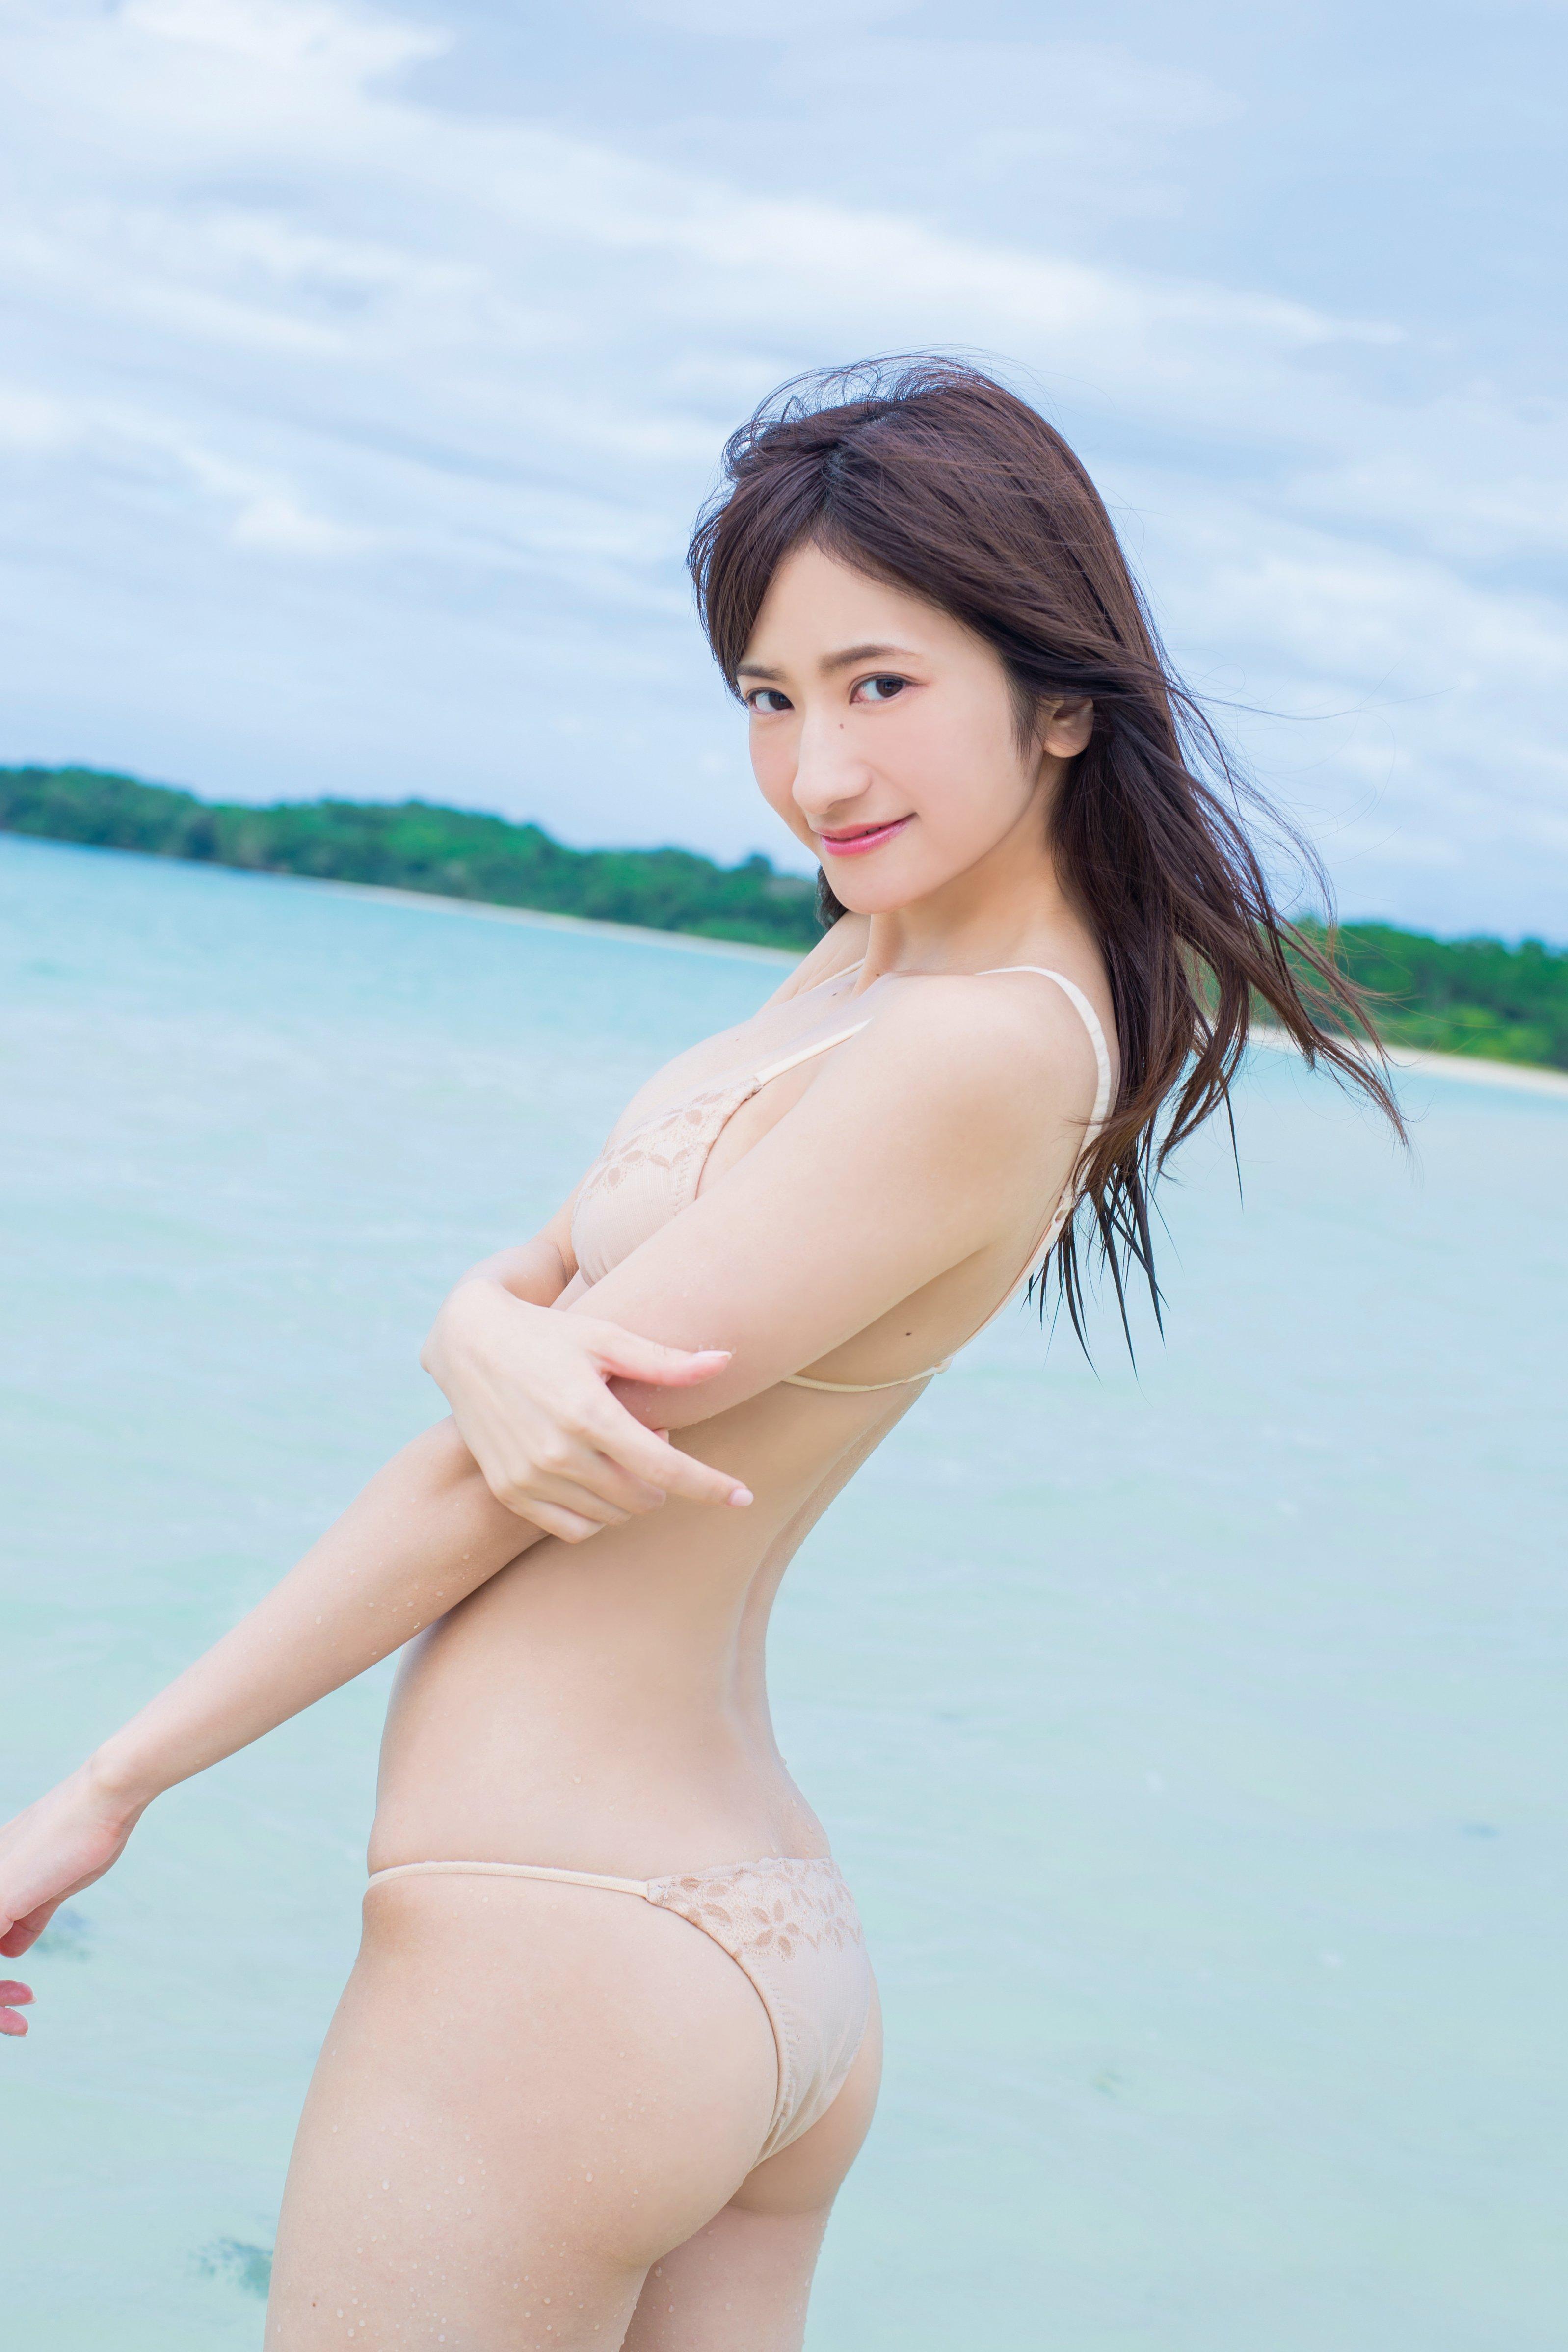 外崎梨香「スレンダー巨乳」完璧ボディがびしょ濡れ!【写真15枚】の画像012